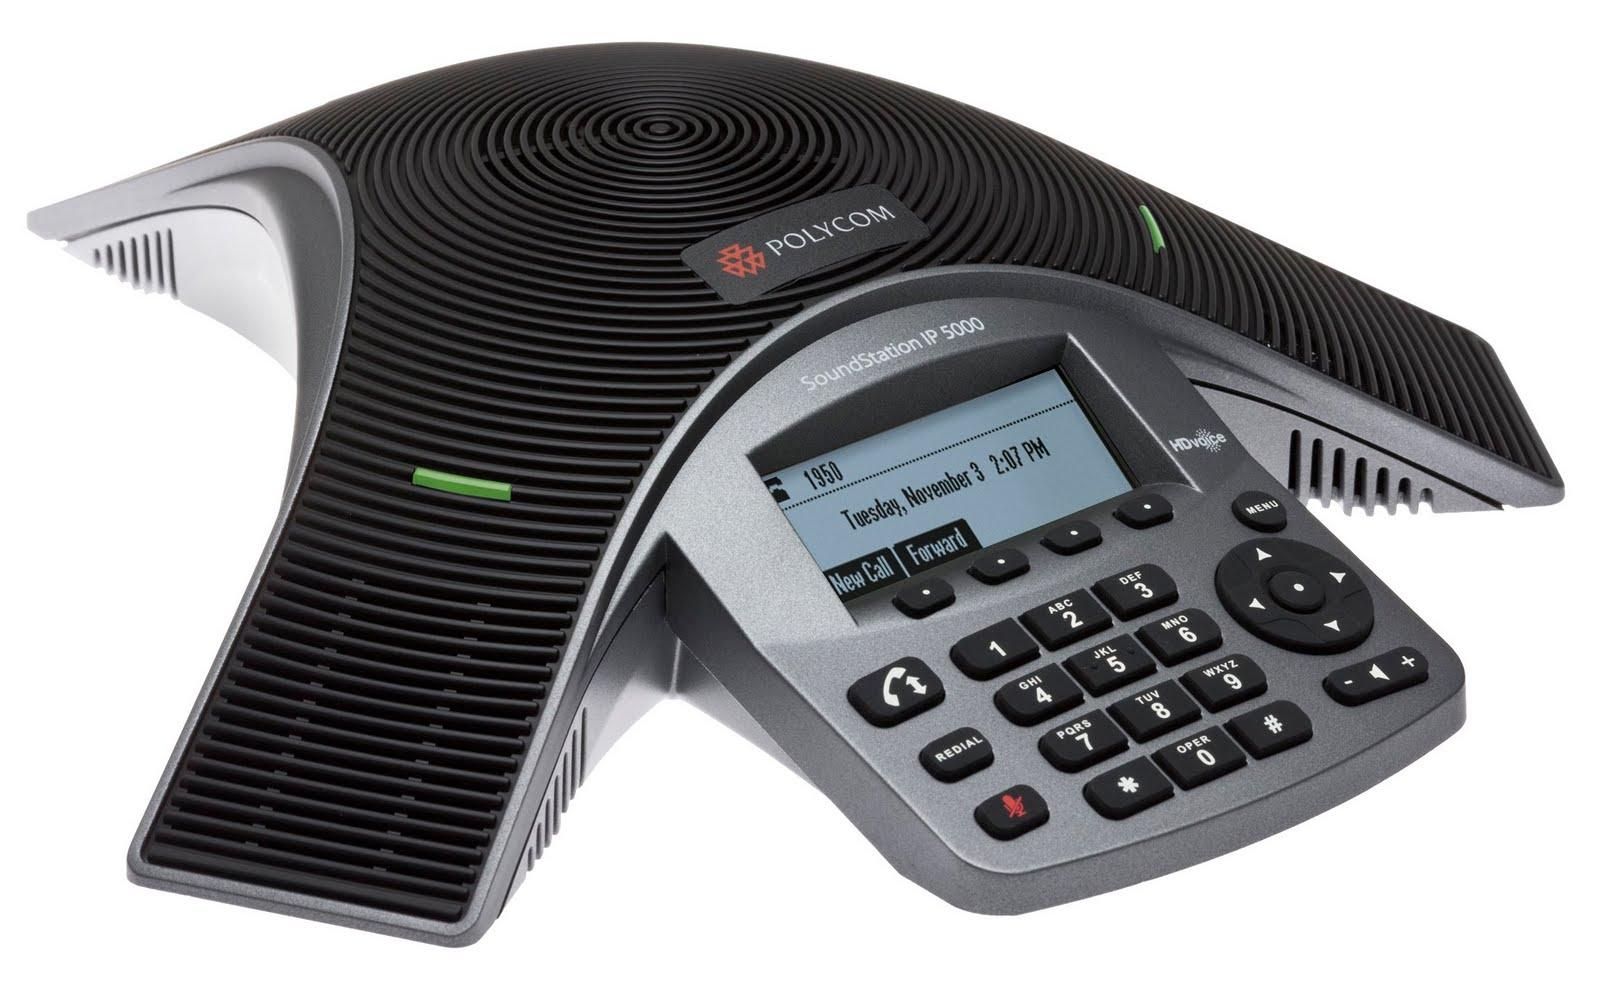 polycom soundstation ip 5000 ip conference phone provu rh provu co uk polycom soundstation ip 5000 admin guide Polycom SoundStation IP 6000